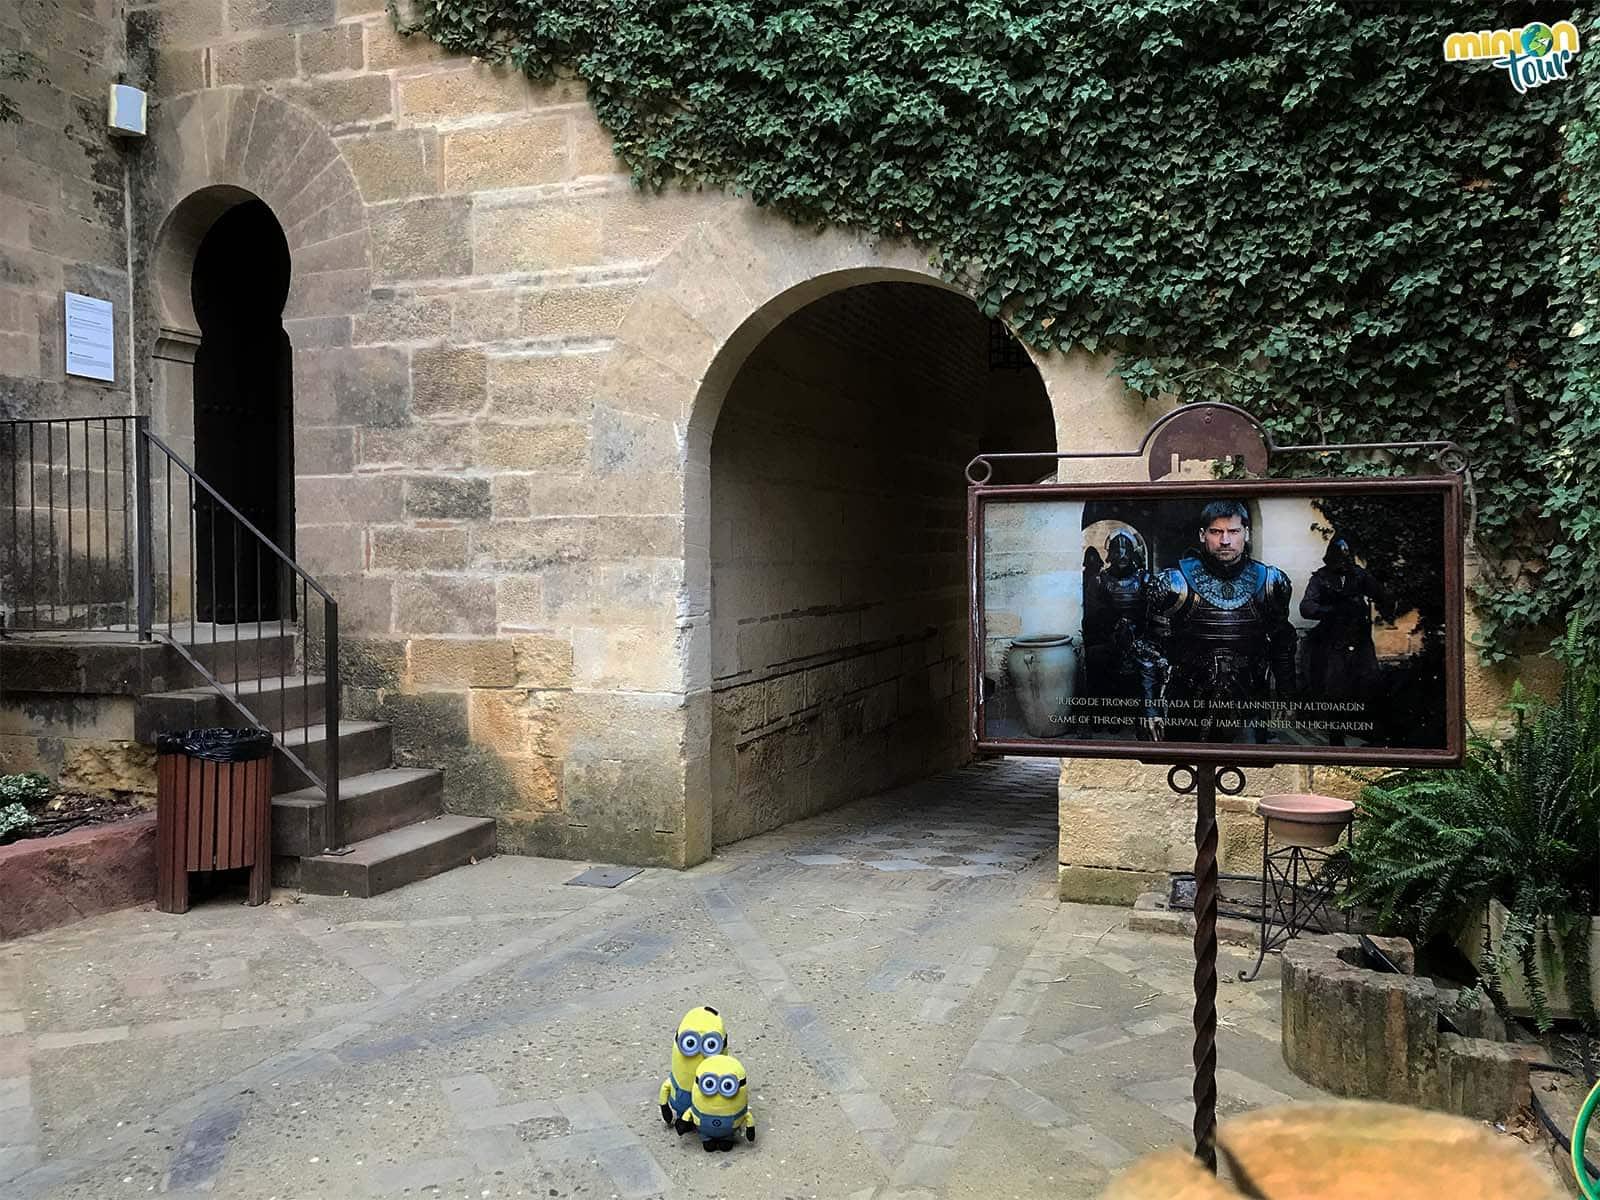 Más escenarios de Juego de Tronos en el Castillo de Almodóvar